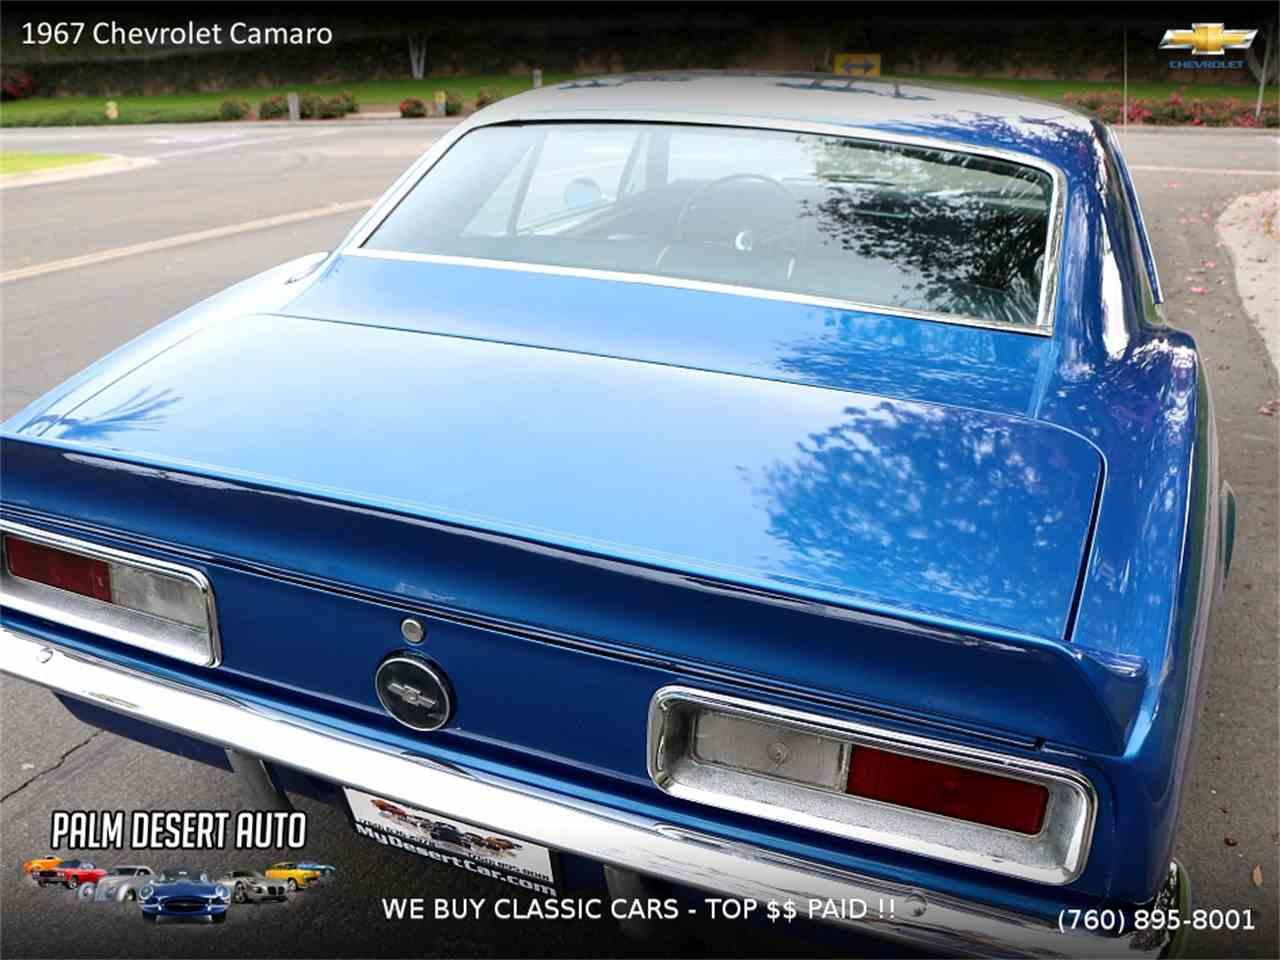 1967 Chevrolet Camaro for Sale | ClassicCars.com | CC-1058183